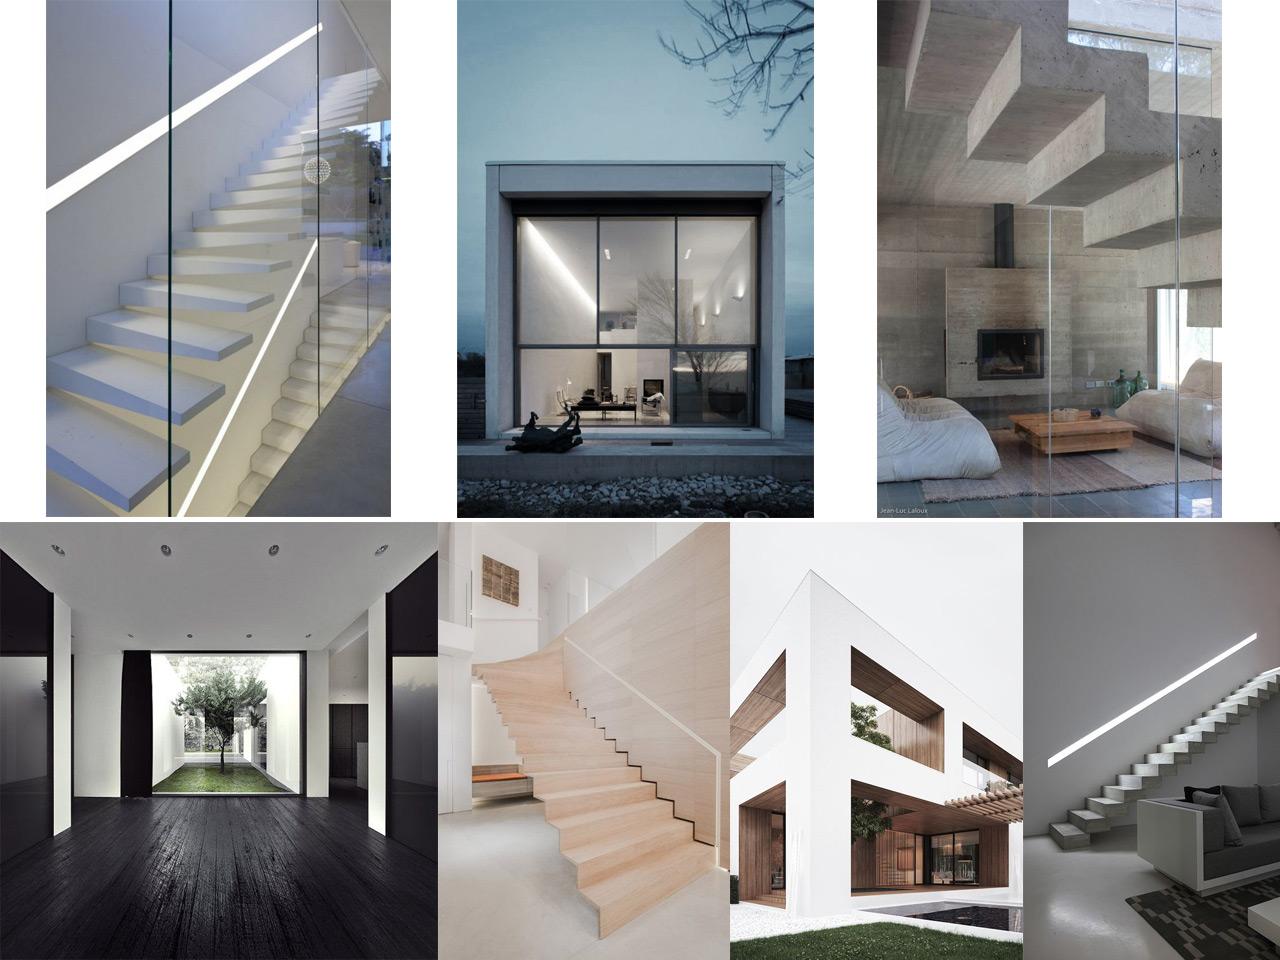 Las 6 claves del dise o de casas minimalistas for Arquitectura de casas minimalistas